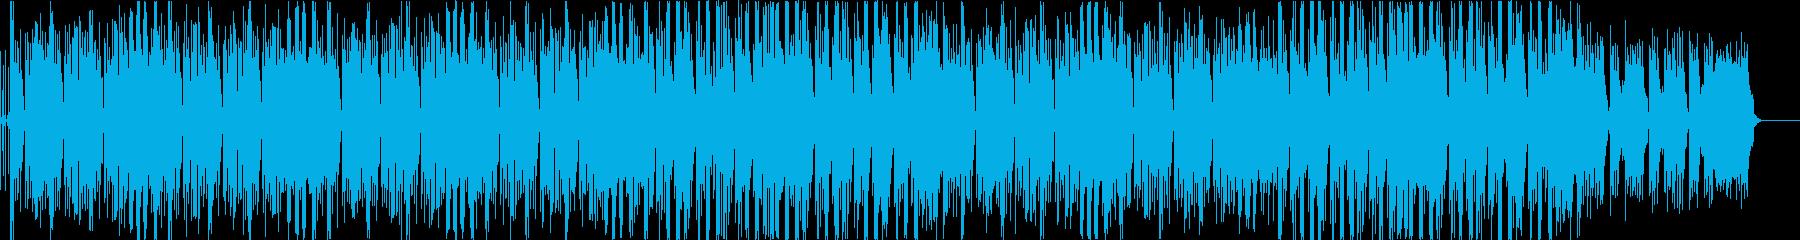 企業VP Future Bass cの再生済みの波形